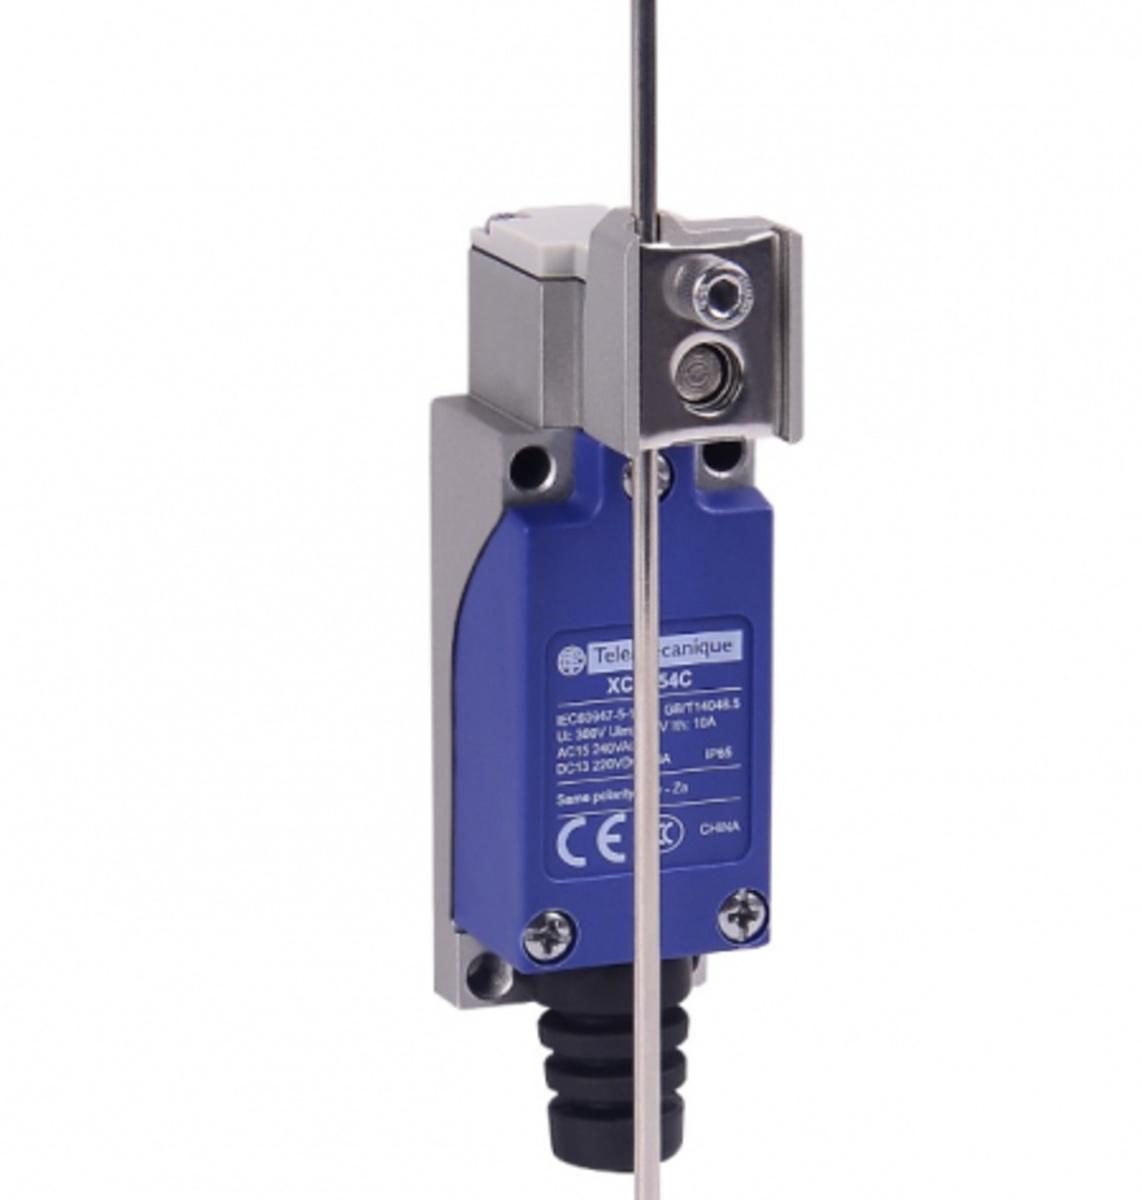 Eletriza - Eletriza Materiais Elétricos, Hidráulicos e Automação Industrial - FIM DE CURSO BASICO MET HASTE REDONDA XCE154 TELEMECANIQUE